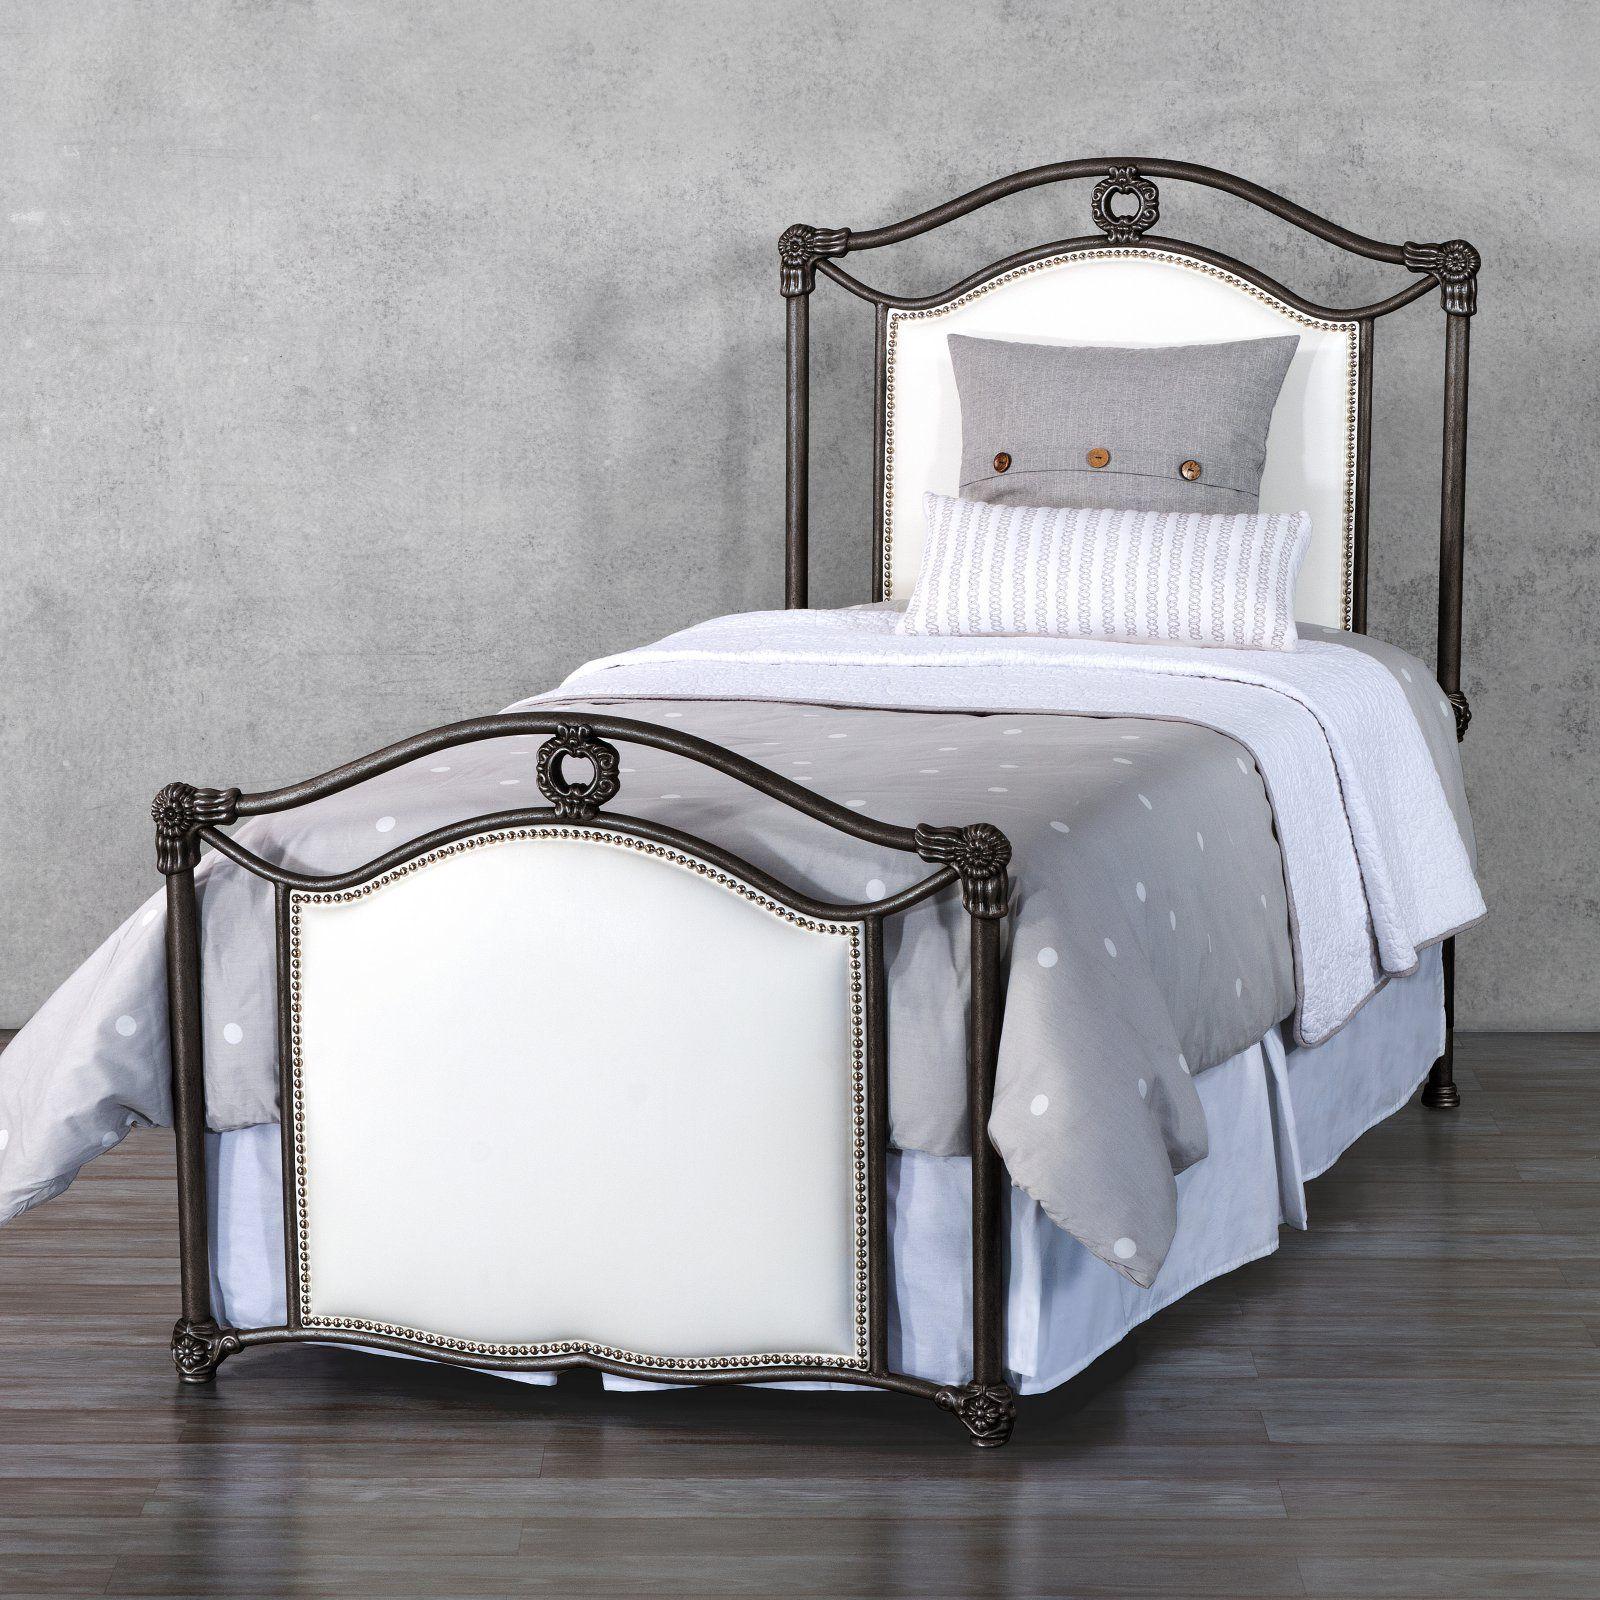 Wesley Allen Wilson Bed Iron bed, Bed